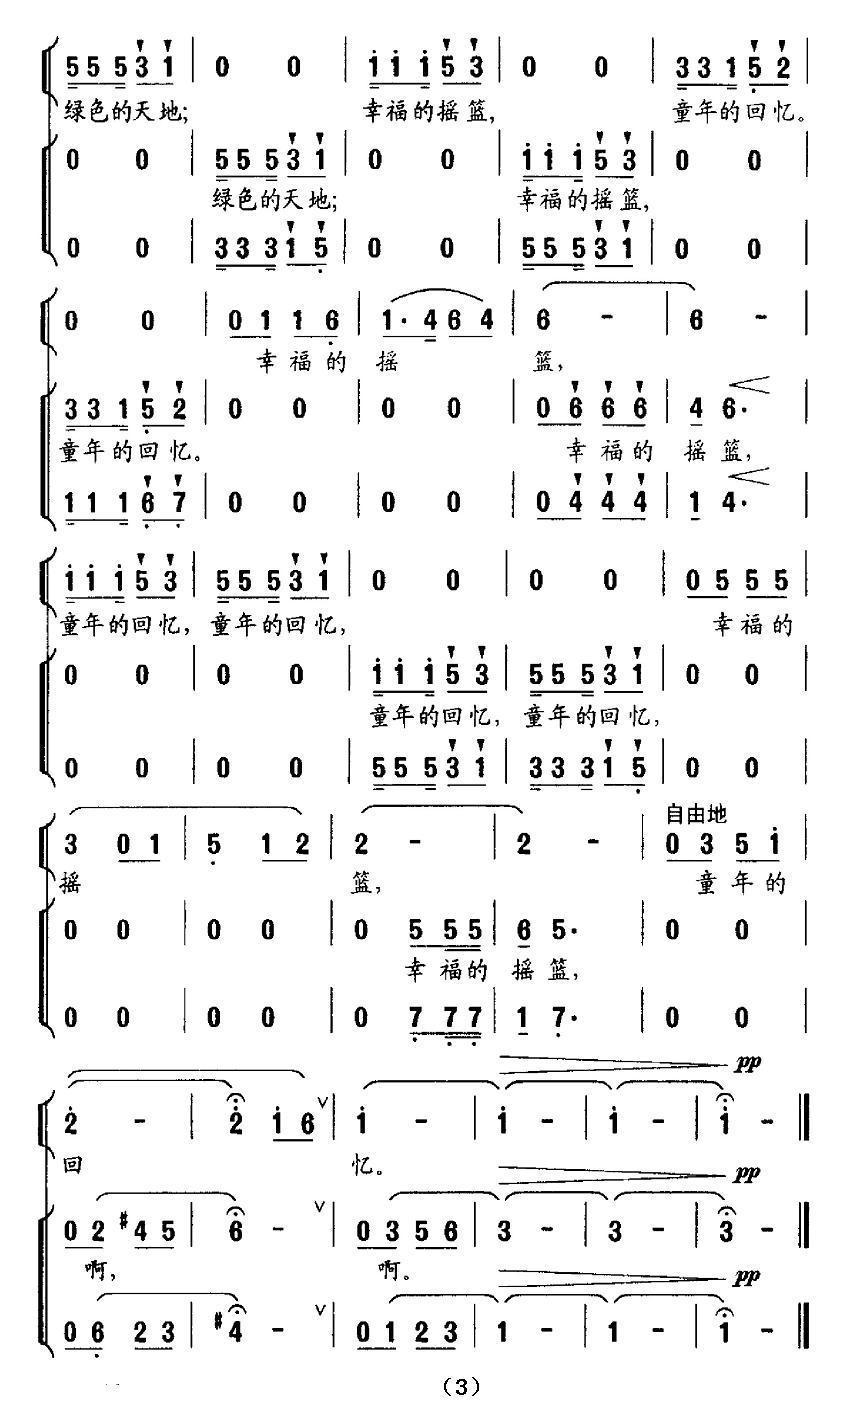 童年的回忆钢琴曲简谱曲谱分享展示